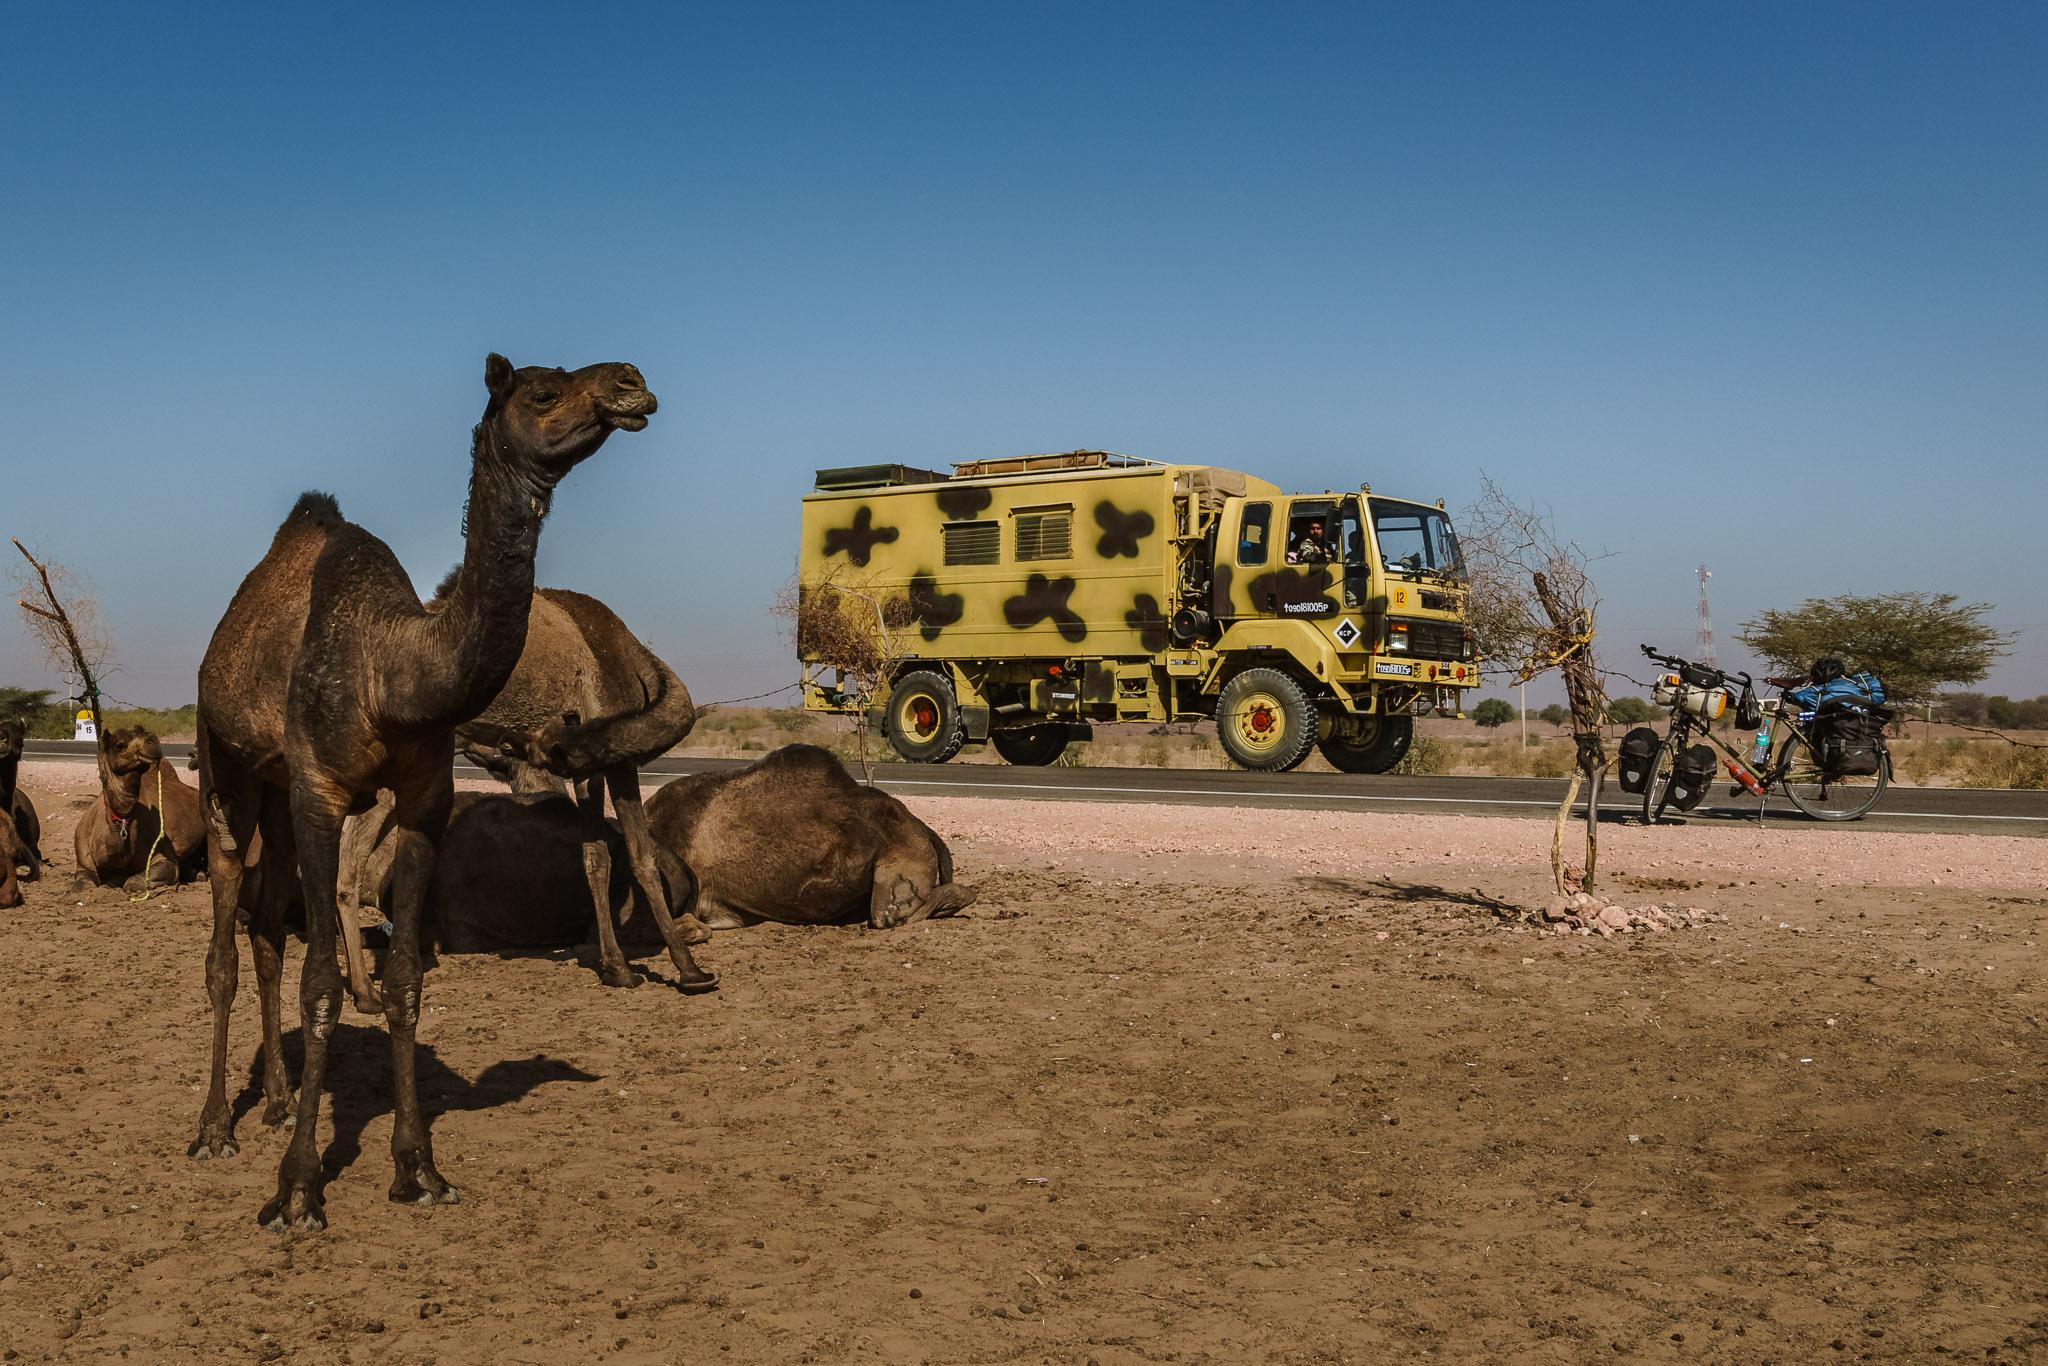 India-pokhran-camel-farmer-6.jpg